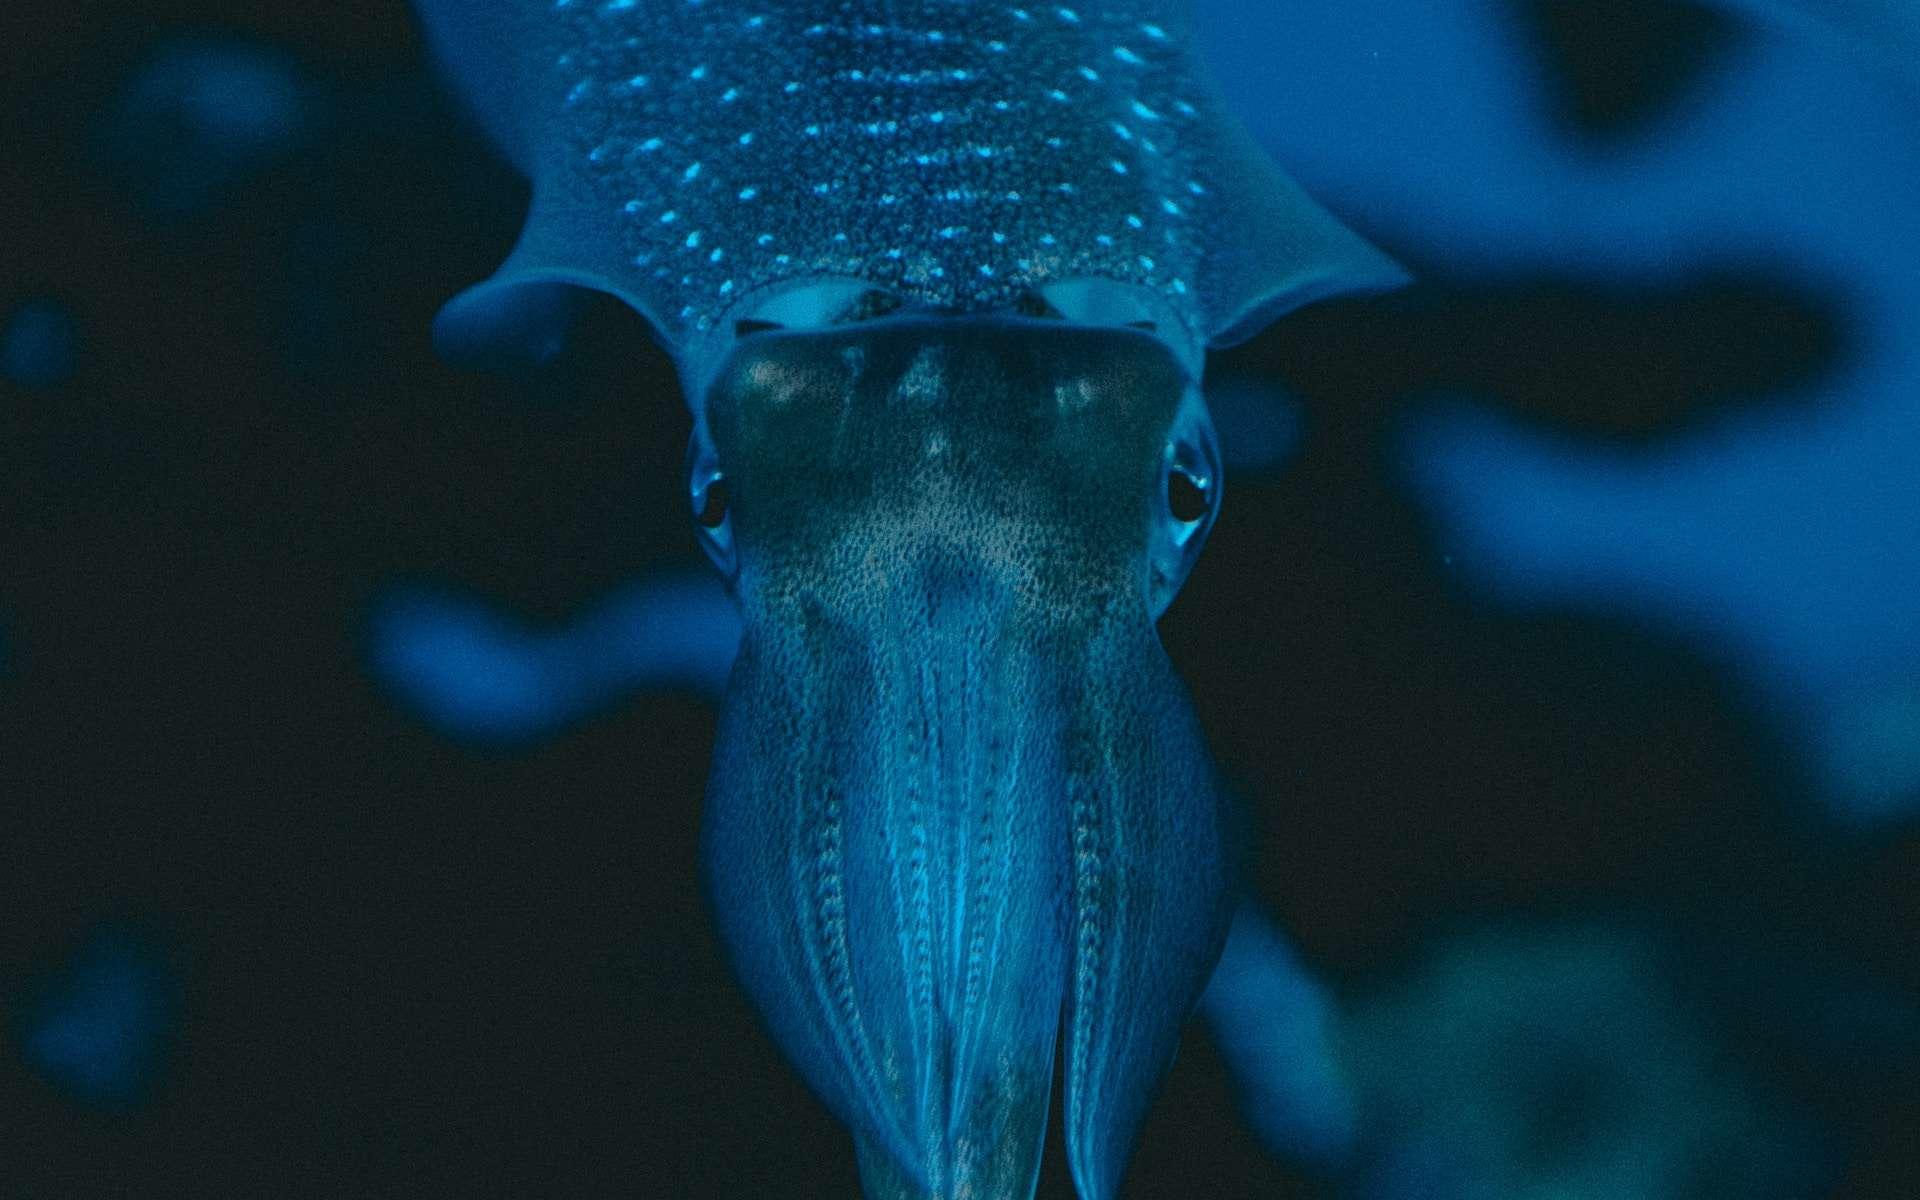 Les yeux des calamars interrogent les scientifiques. © Jonathan Diemel, Unsplash